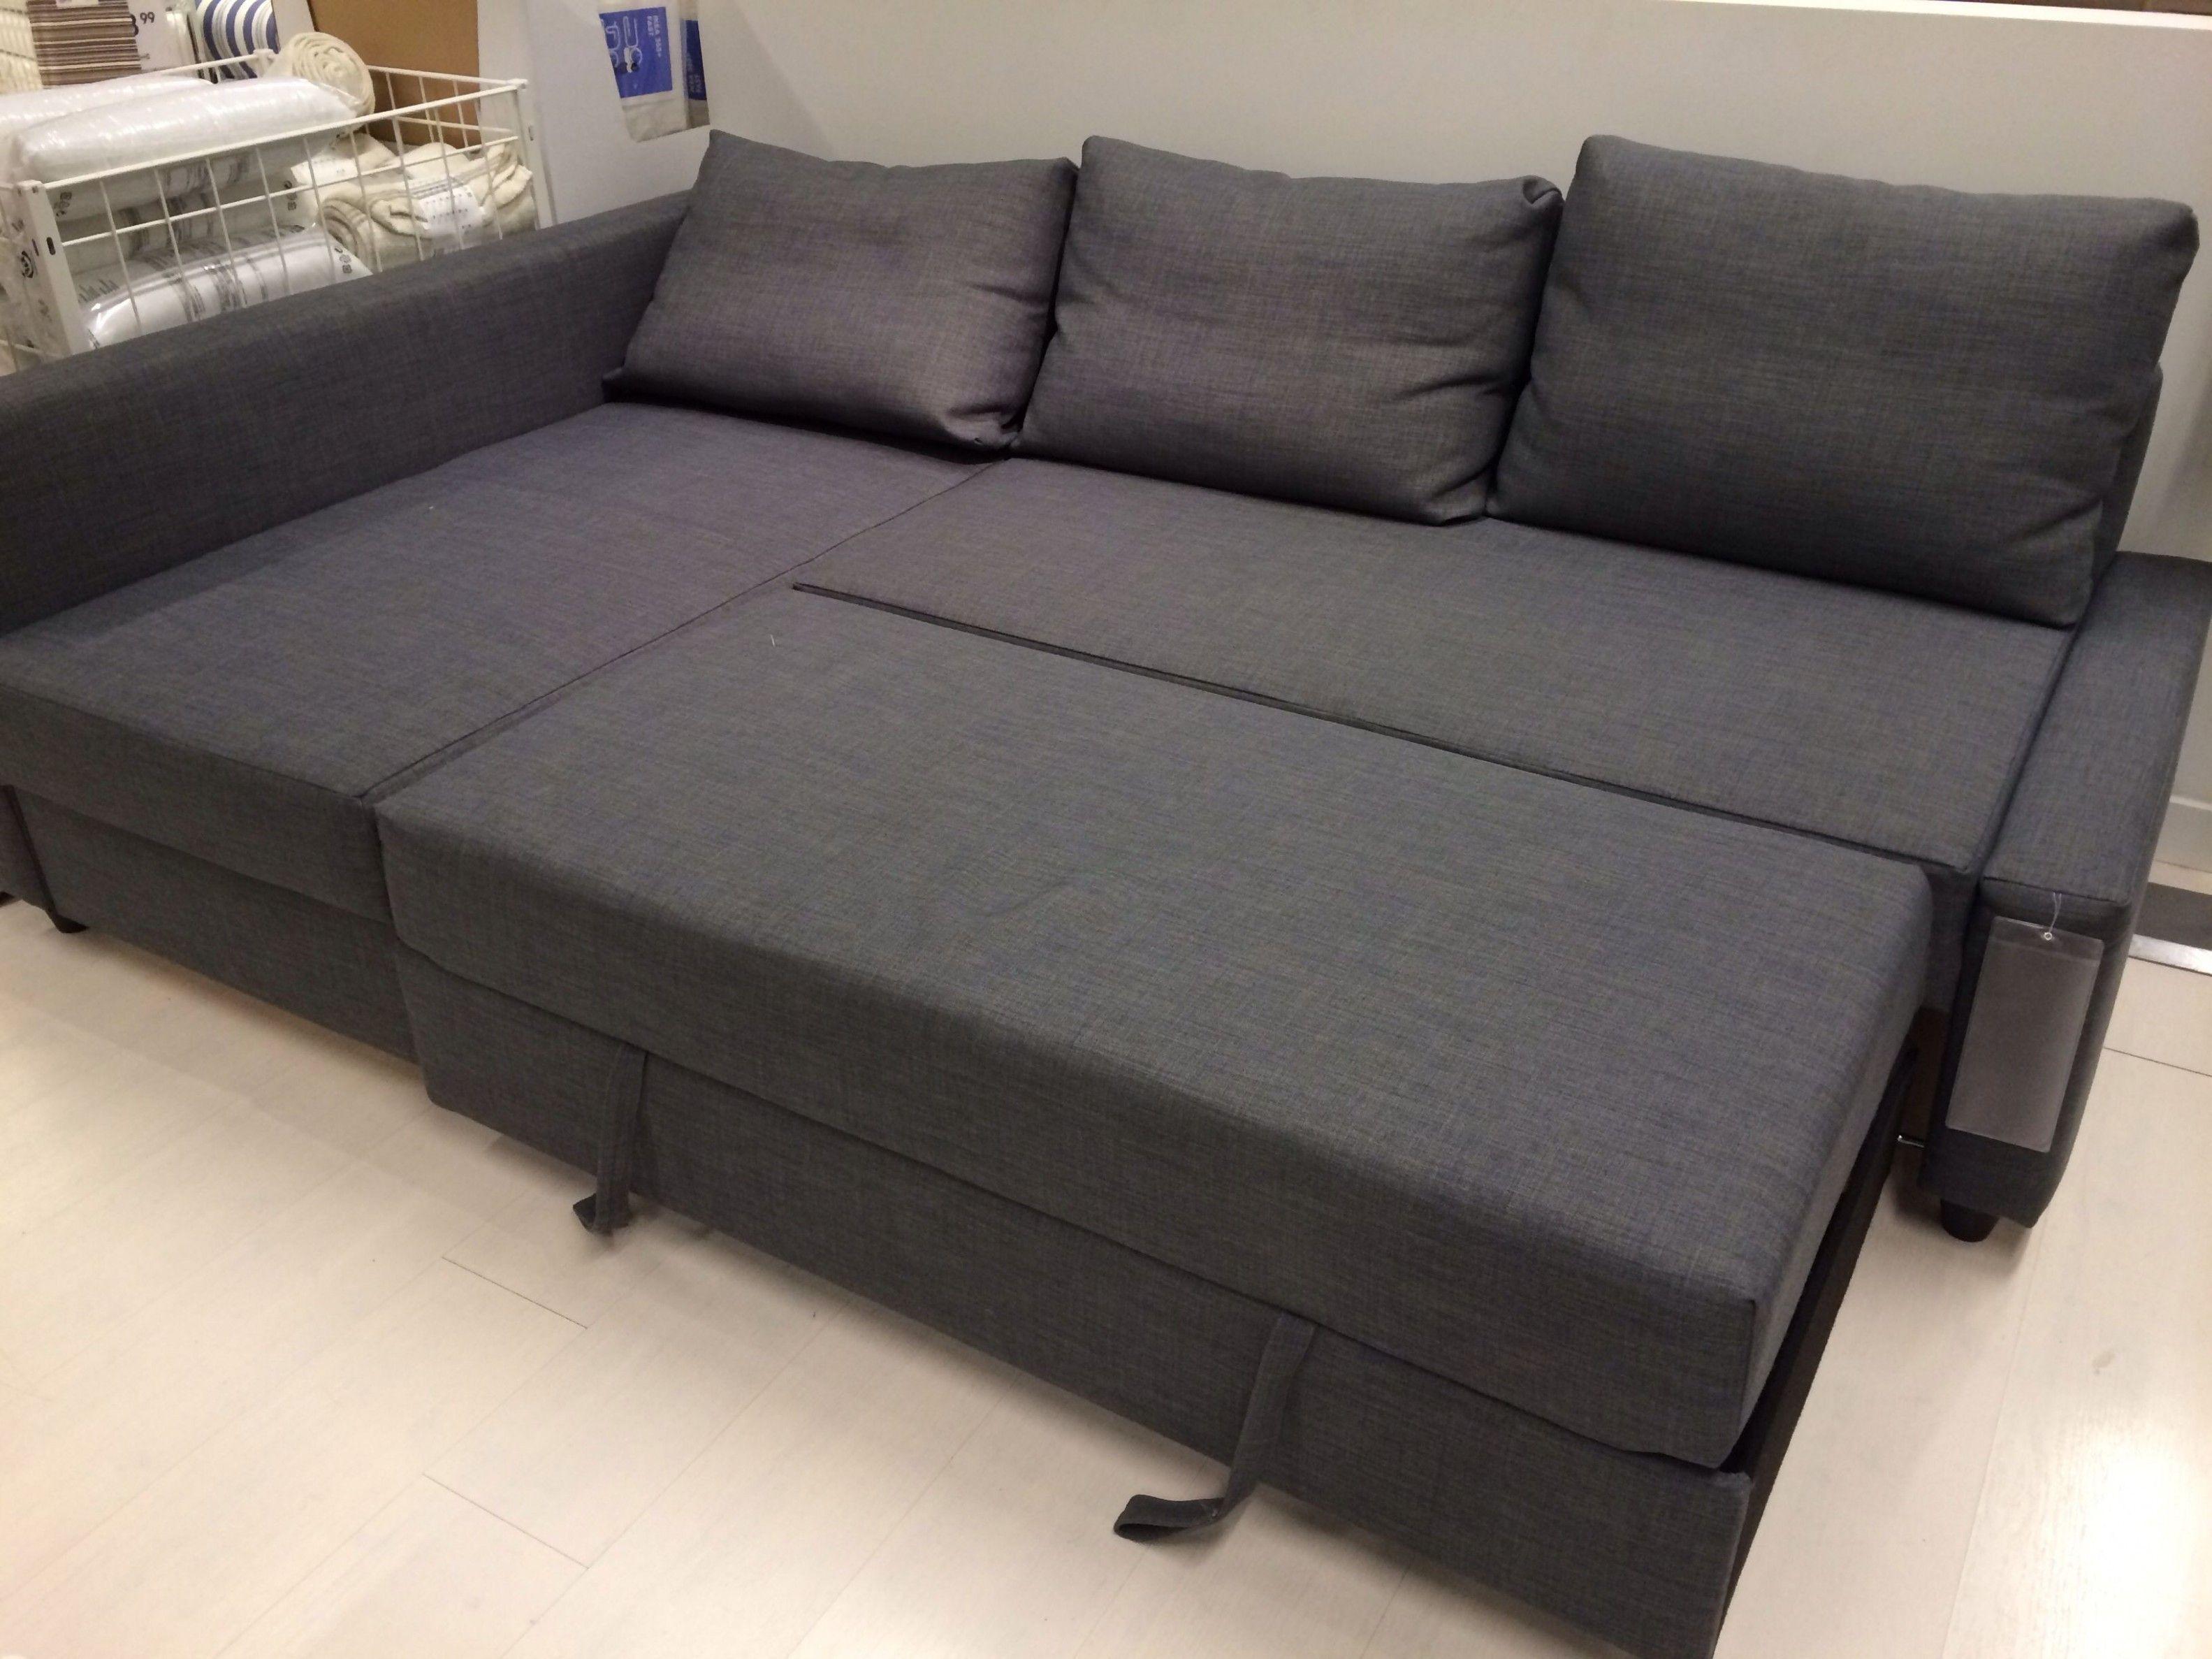 Elegant Friheten Corner Sofa Bed Skiftebo Dark Grey Ikea For Bedroomfurnituresetsikea Ikea Sofa Bed Sofa Bed Uk Sofa Bed